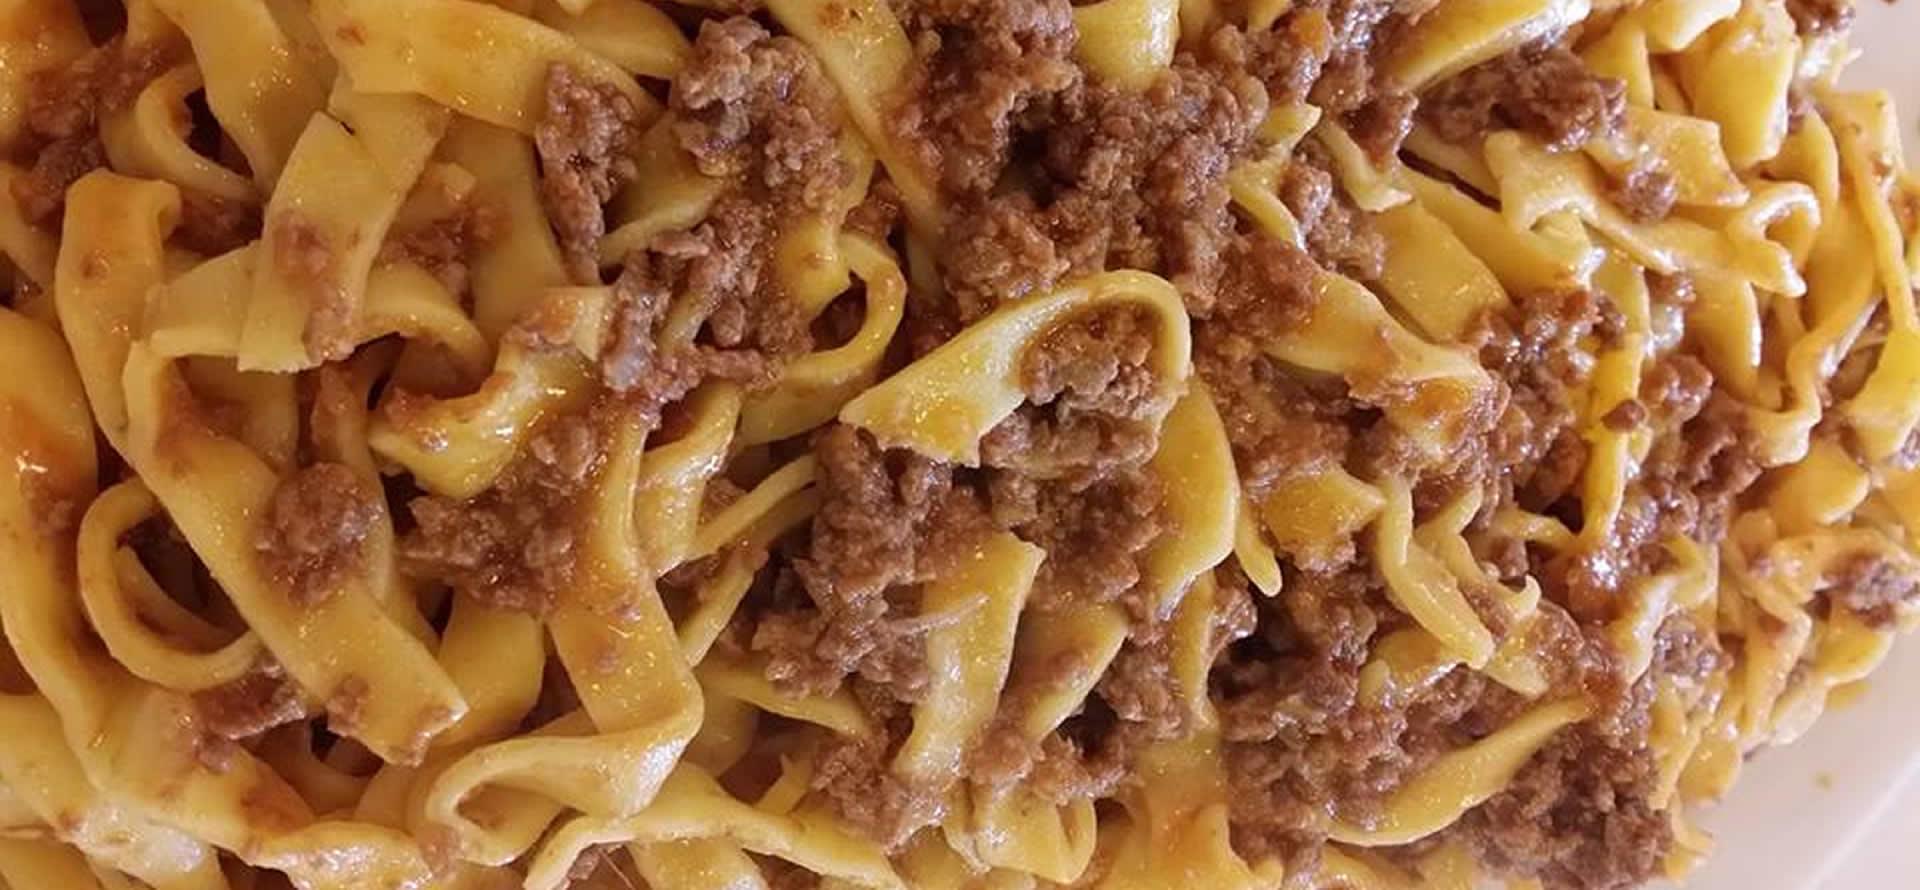 Piatti tipici toscani al ristorante a caprese michelangelo for Piatti tipici laziali